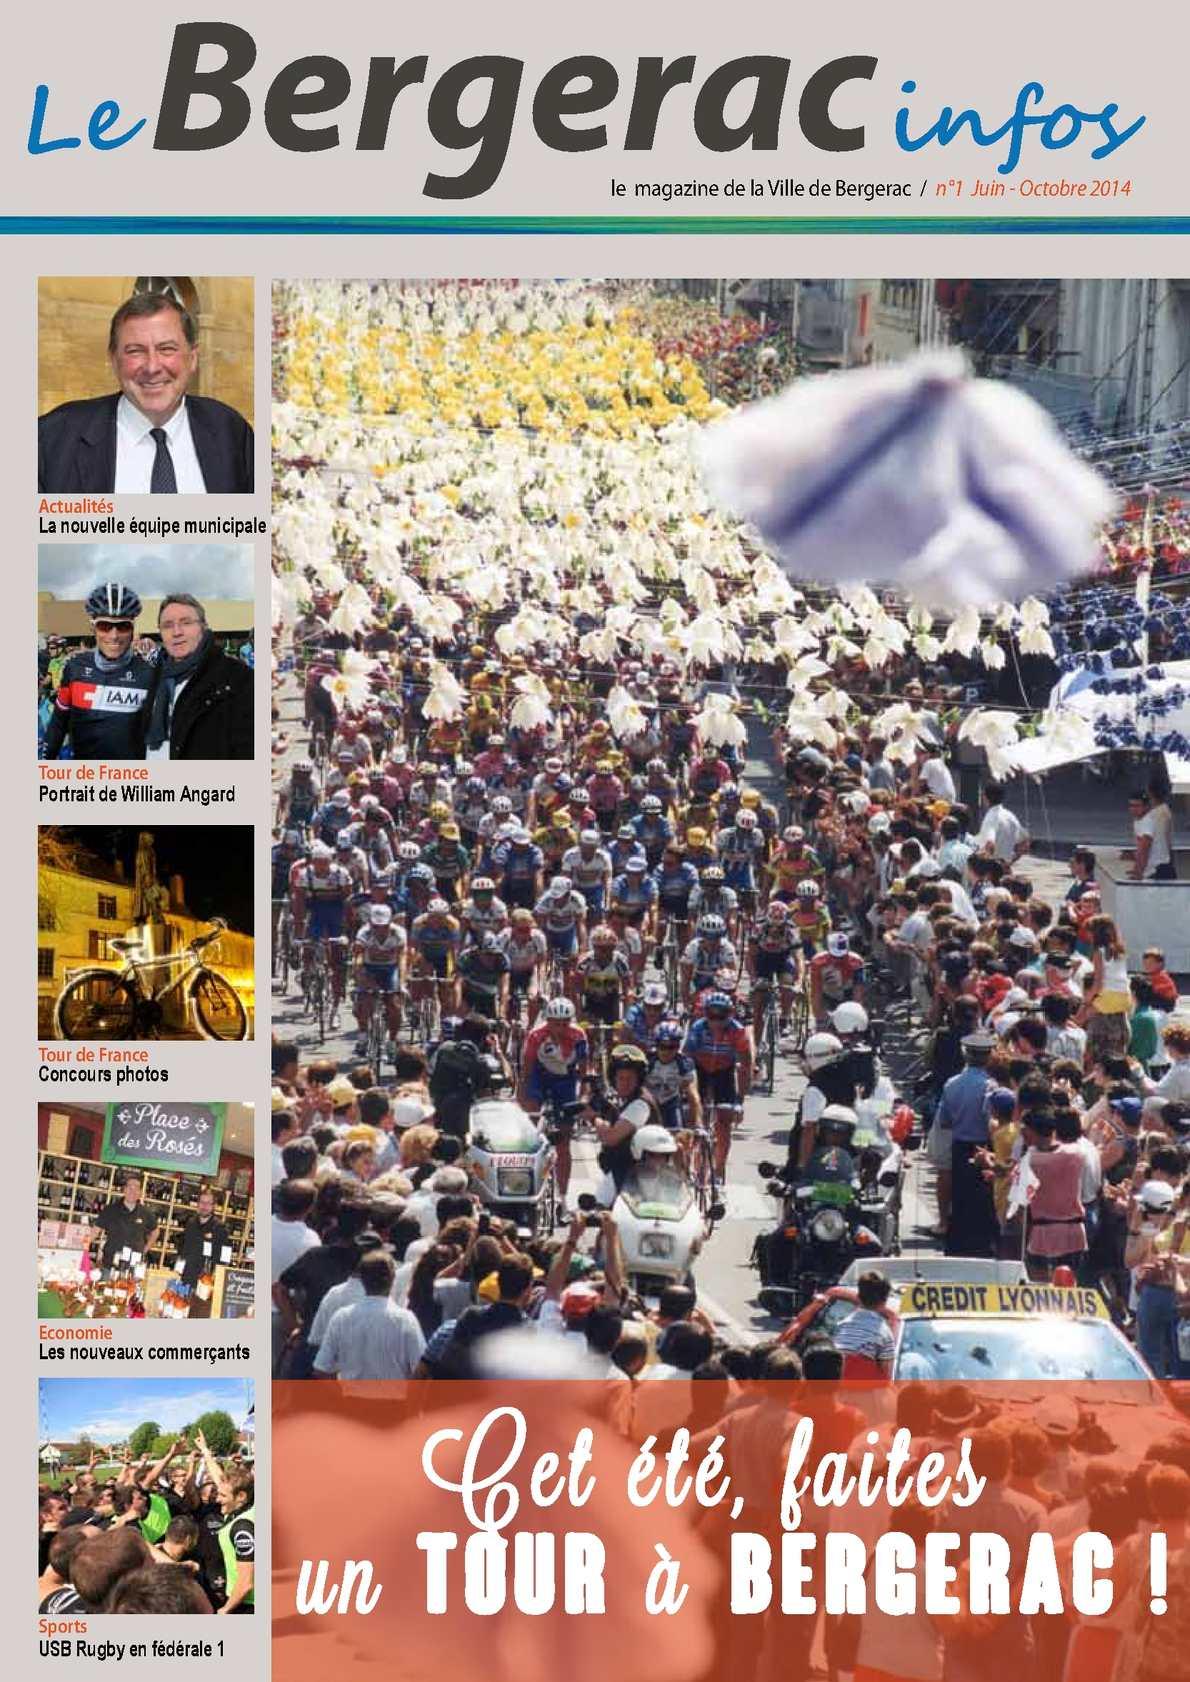 Calam o le bergerac infos n 1 for Piscine municipale bergerac